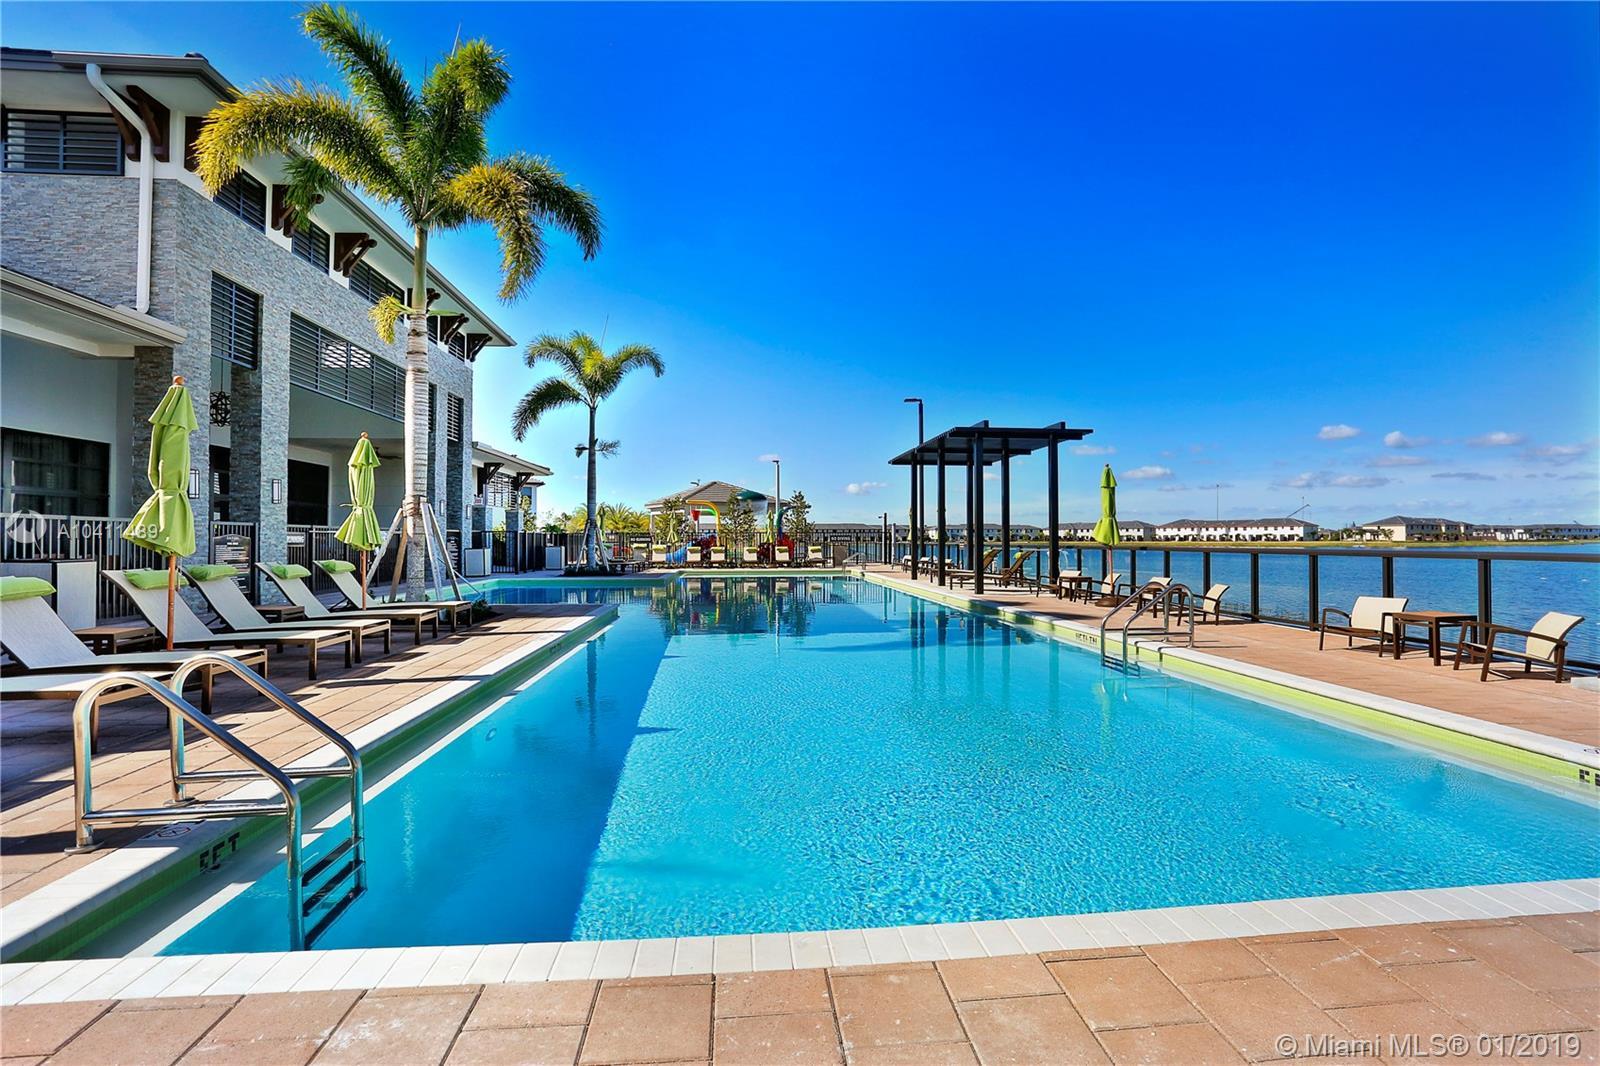 8814 NW 154 TER, Miami Lakes , FL 33018